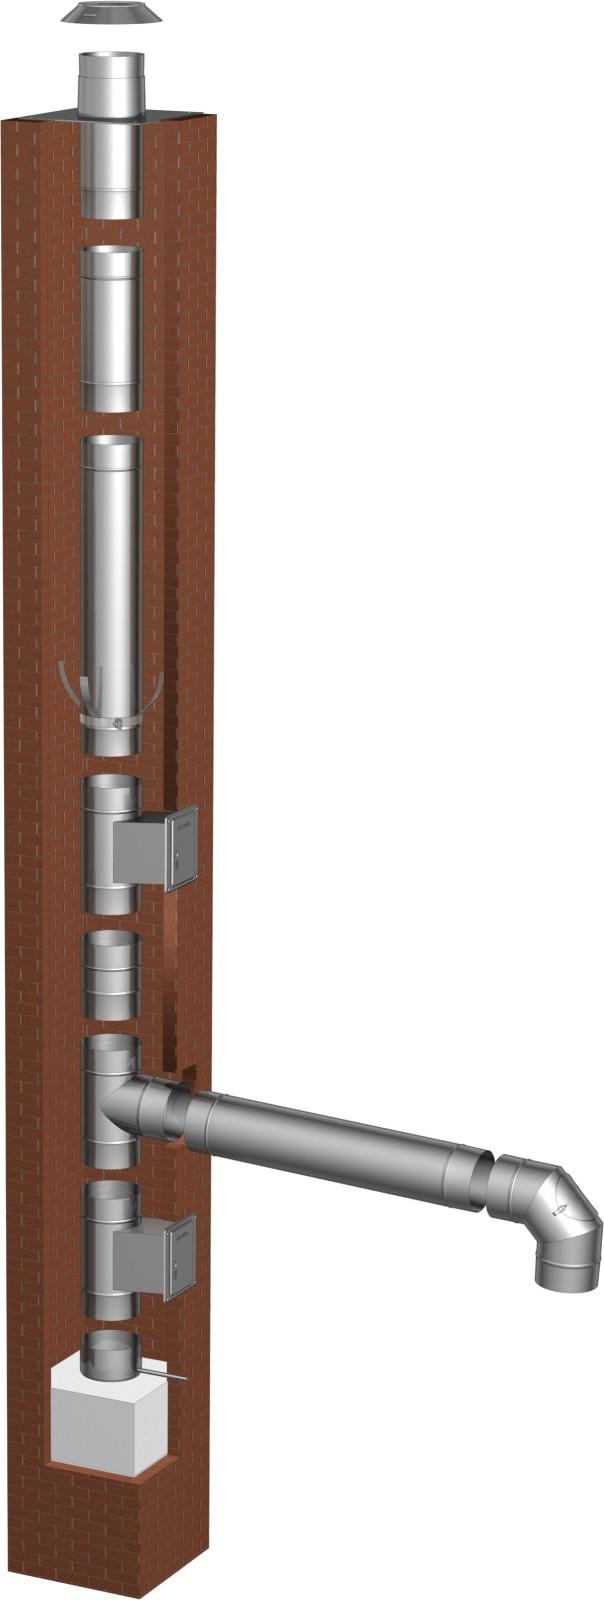 schornsteinsanierung bausatz 115 mm ew fu schornstein fachhandel. Black Bedroom Furniture Sets. Home Design Ideas